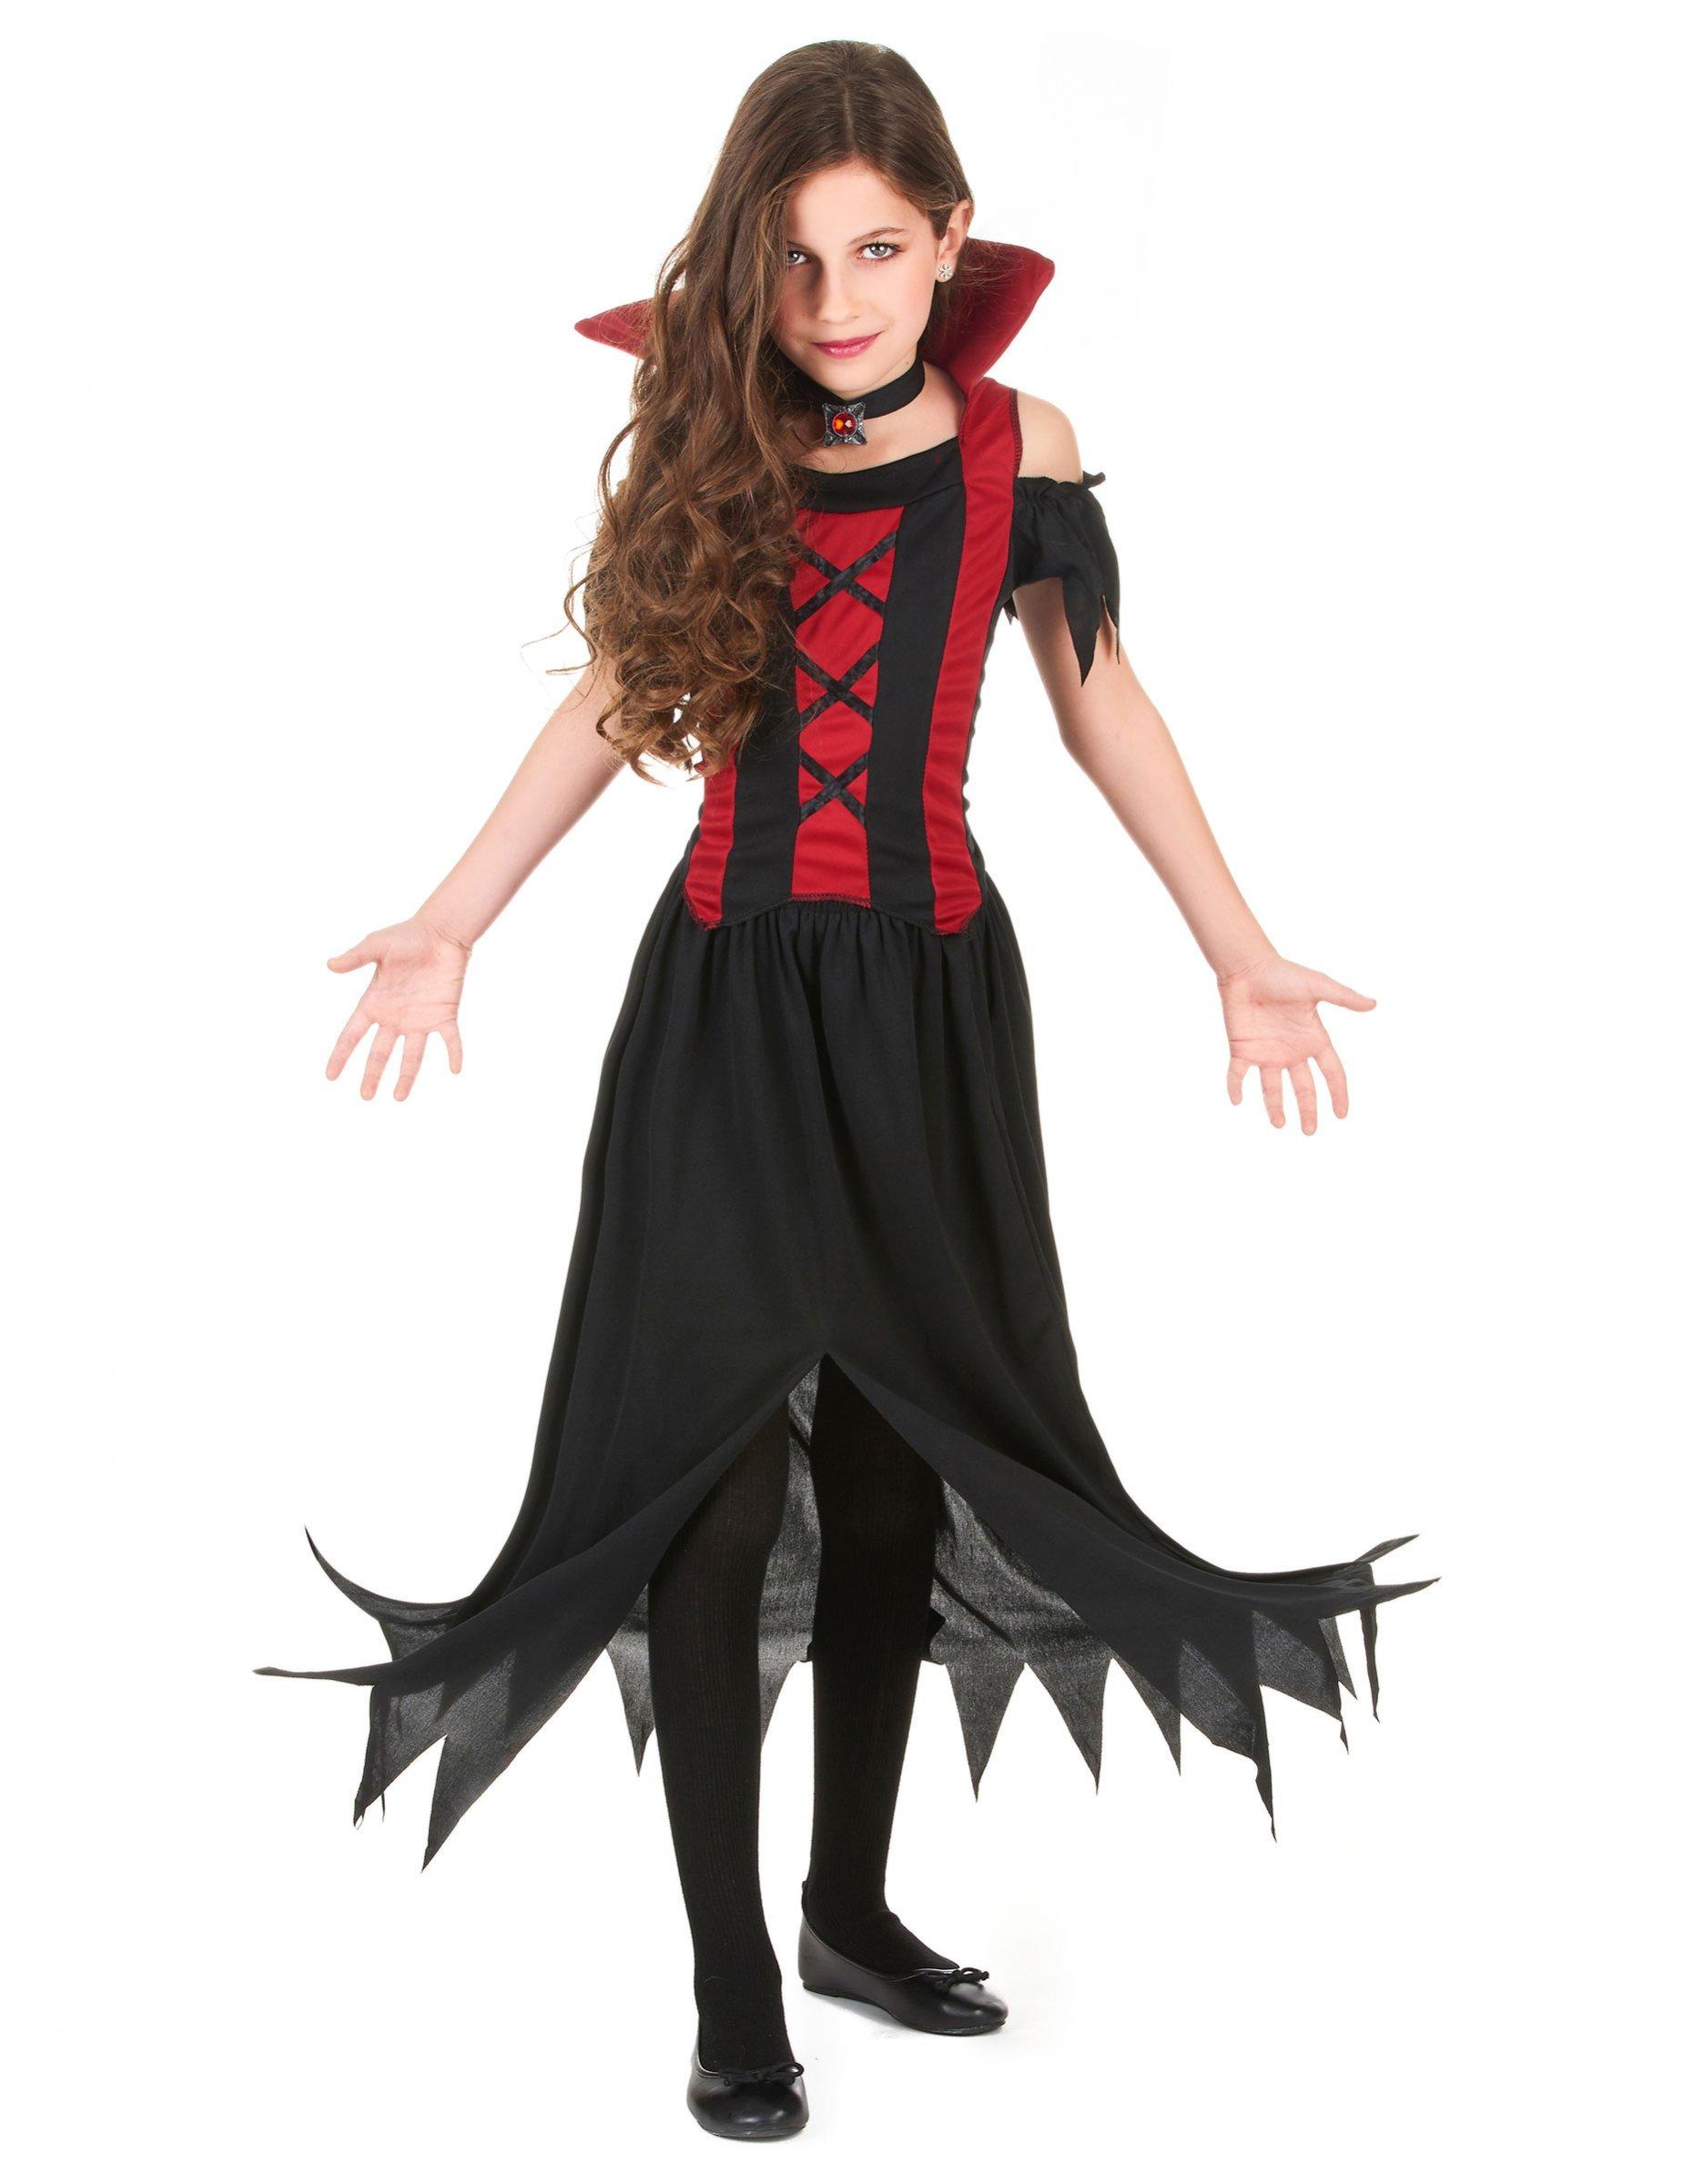 Girls Halloween Vampire Costume : Kids Costumes, and fancy dress ...